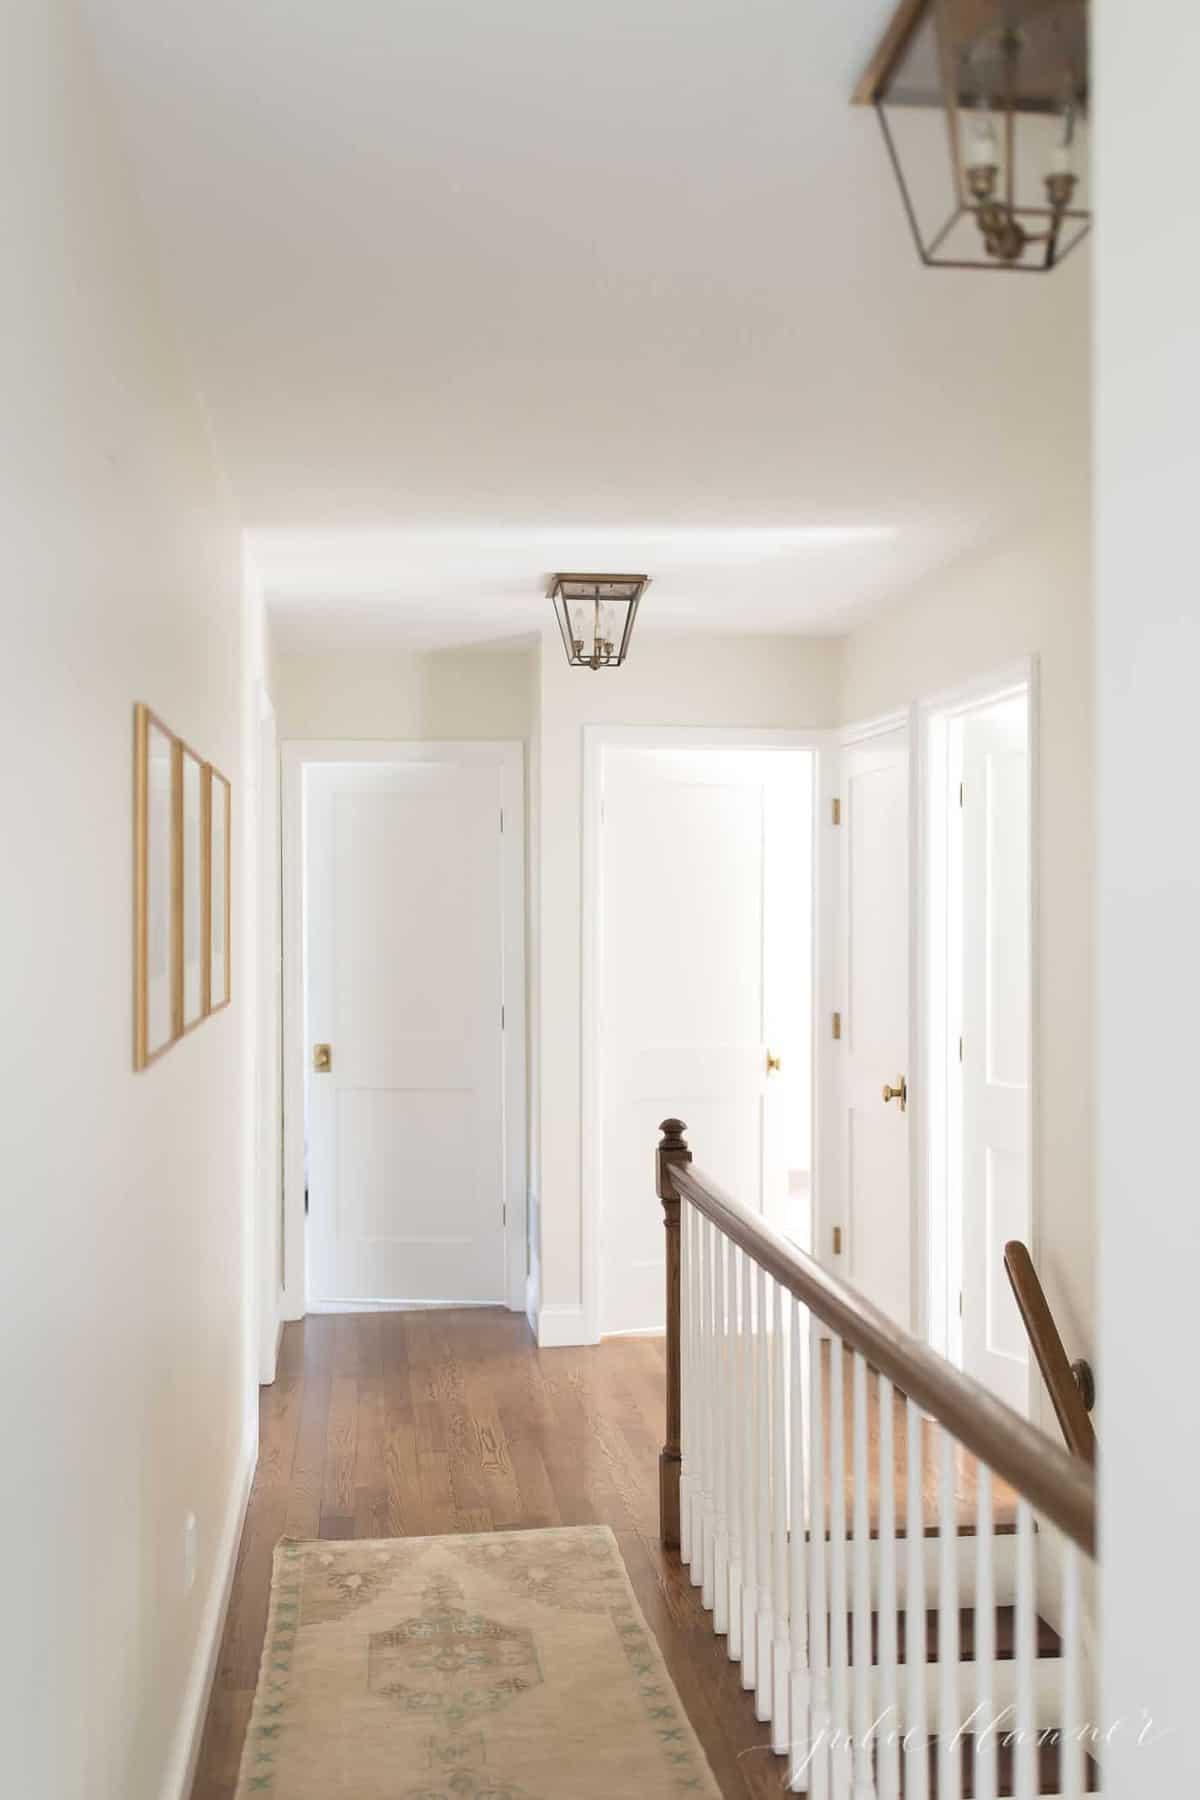 A simple hallway with a vintage Turkish rug on the wood floors.